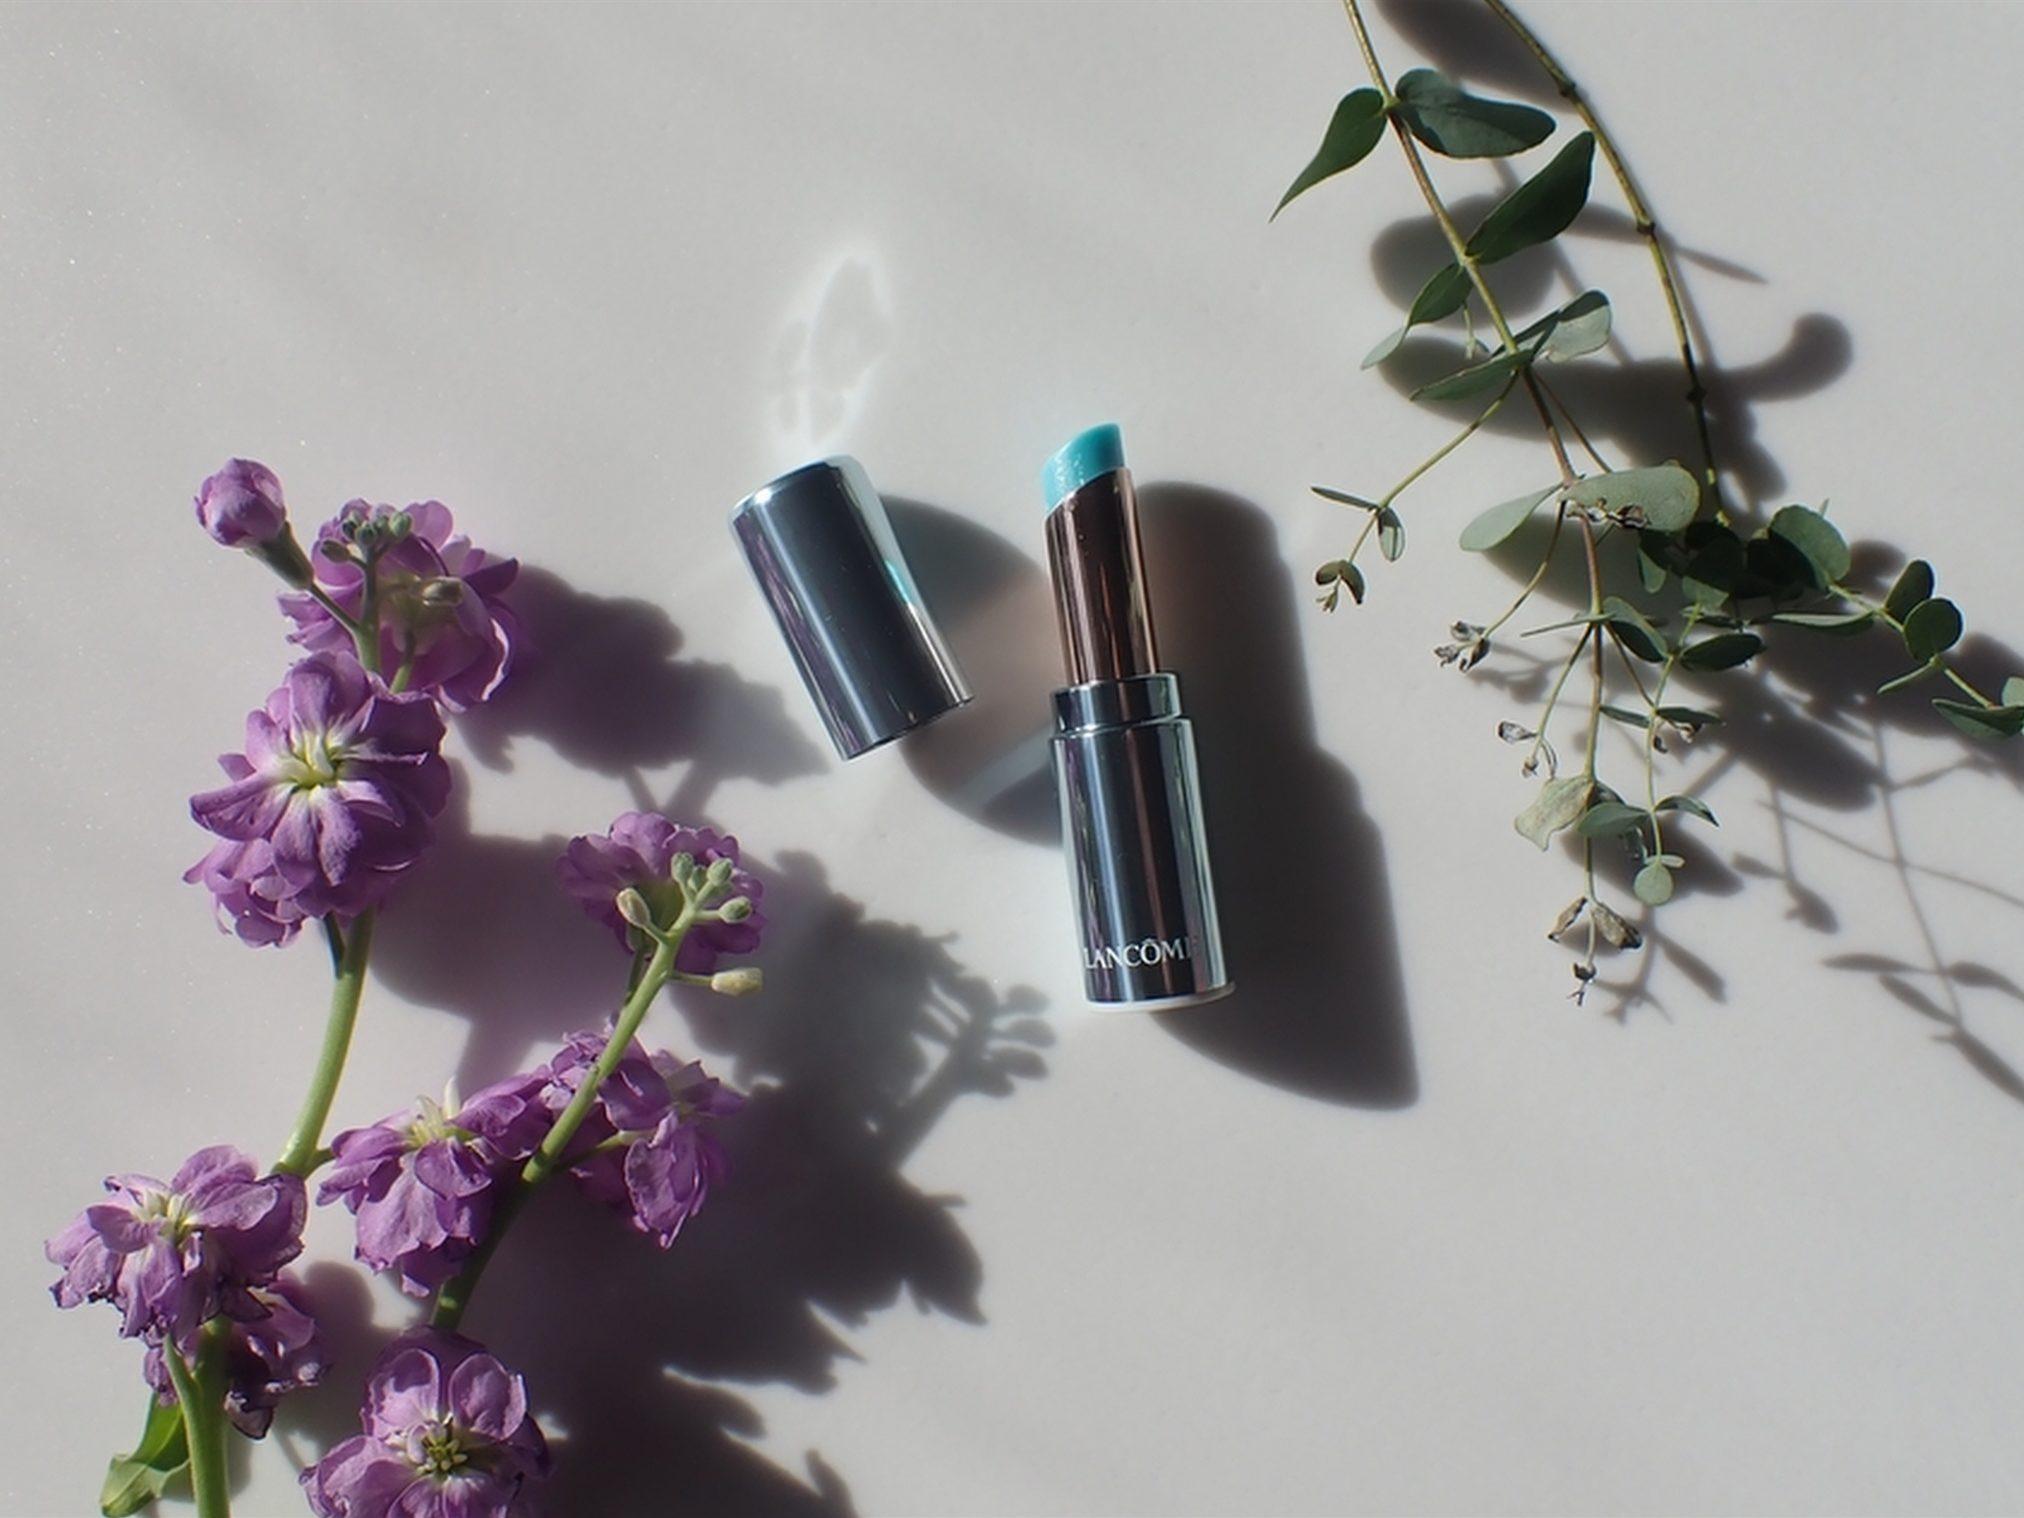 株式会社Crunch Style お花の定期便 Bloomee LIFE ブルーミーライフ 2週間目 複数のお花が入っているから色んな雰囲気で撮影小物に使って写真を撮れる